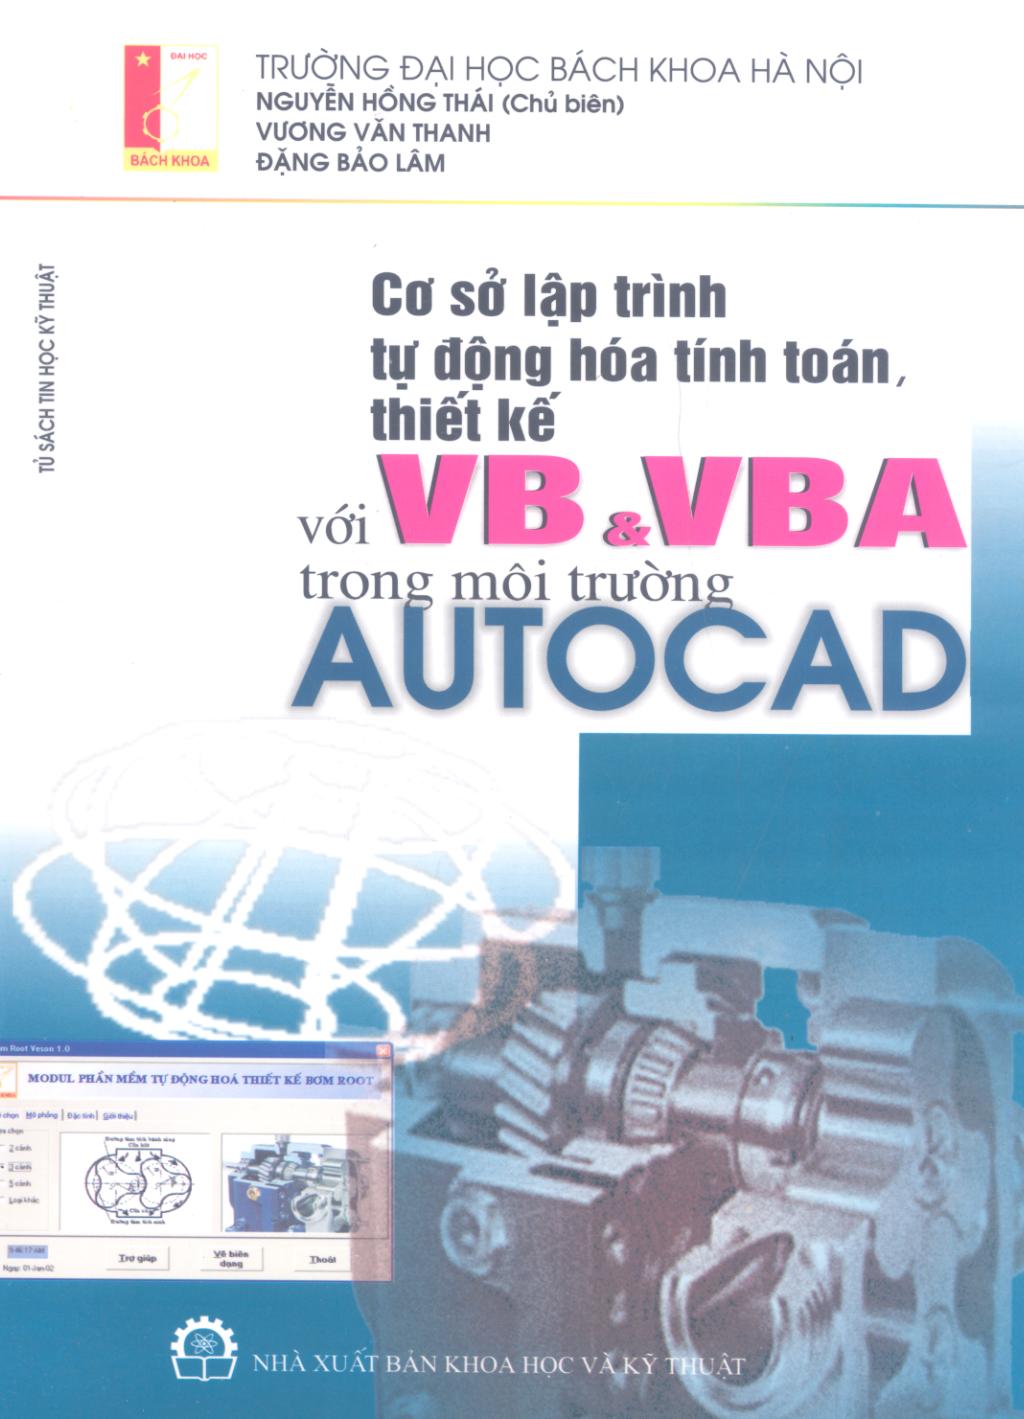 Cơ sở lập trình tự động hóa tính toán, thiết kế với VB và VBA trong môi trường AutoCad